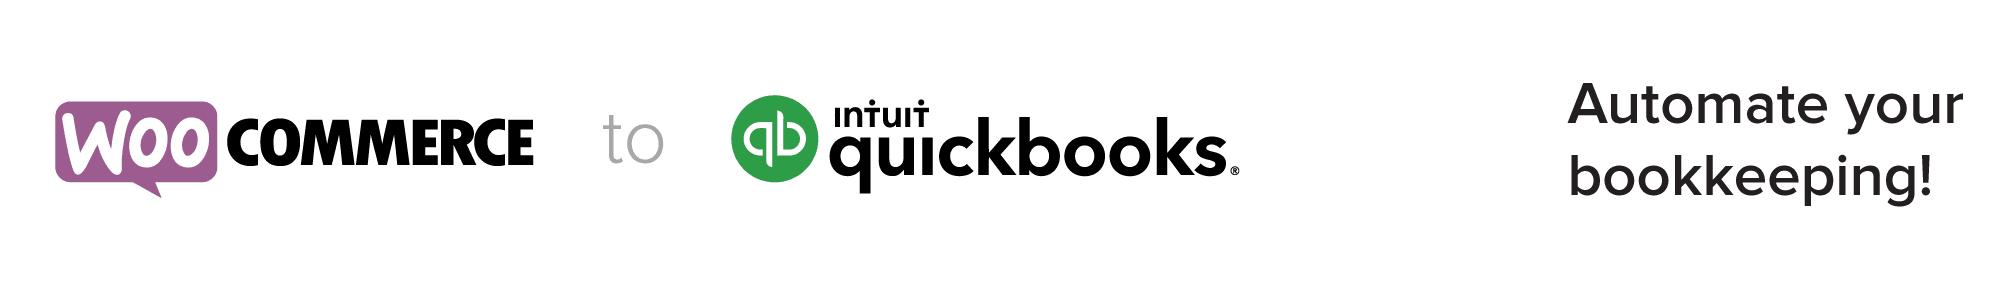 WooCommerce to Intuit QuickBooks